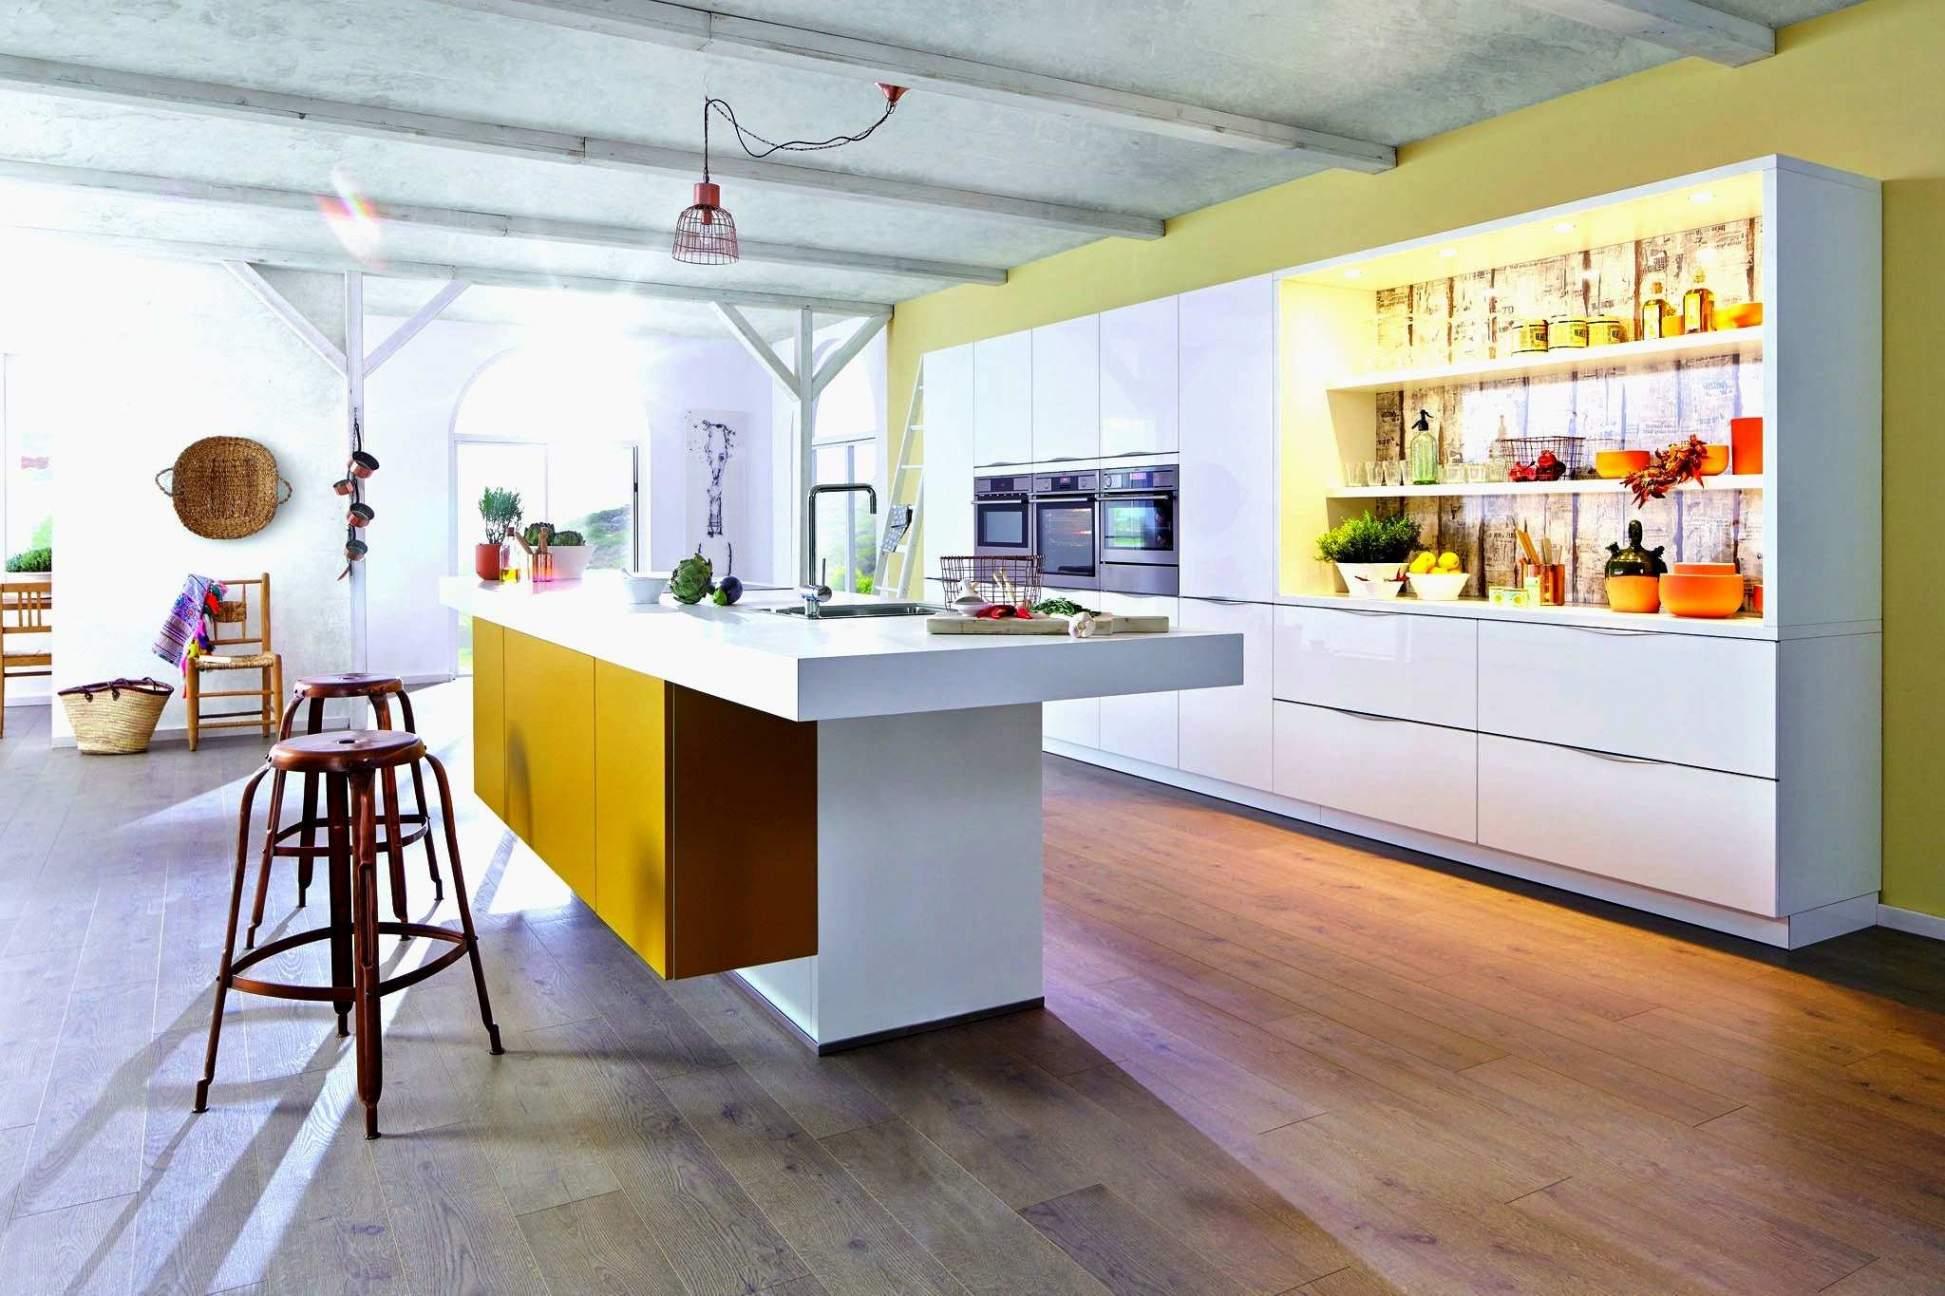 kuche mit waschmaschine spritzschutz kuche plexiglas selber machen kuche mit integriertem sitzplatz kuche mit integriertem sitzplatz